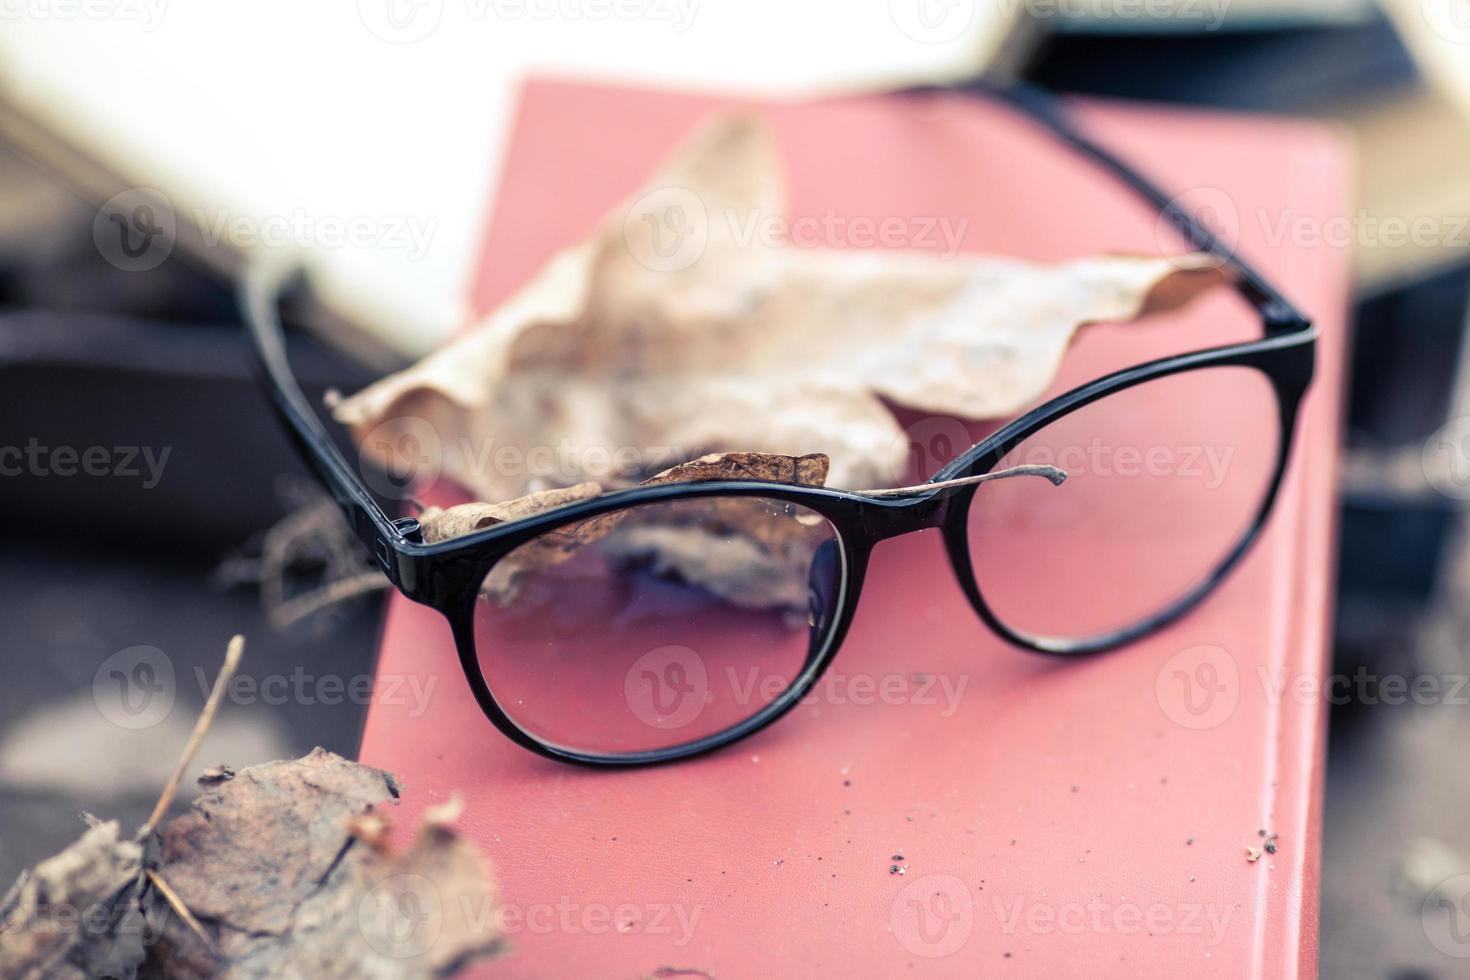 velhos óculos vintage, deitado sobre o livro velho no parque foto